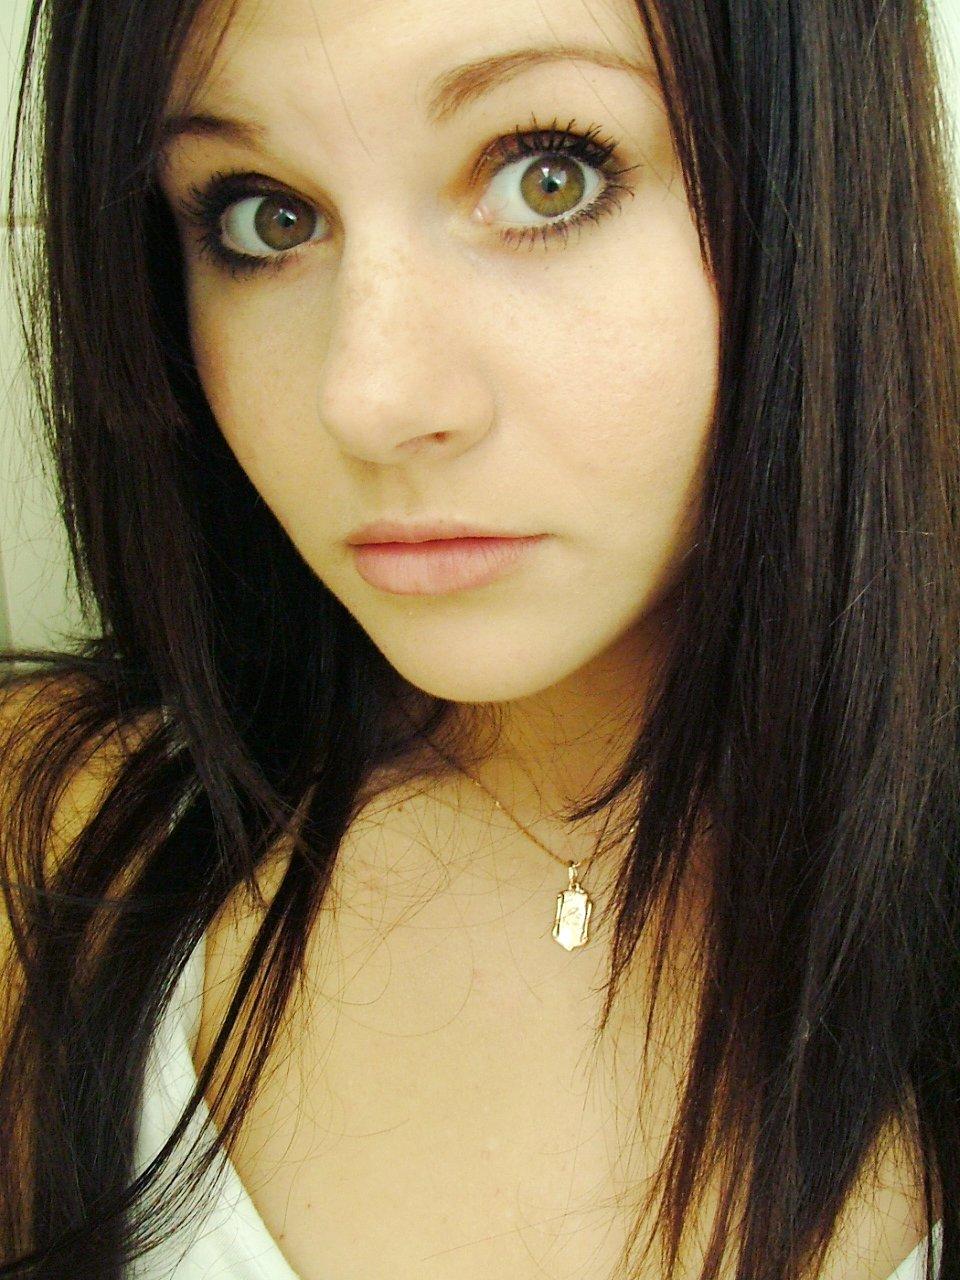 Fajne dziewczyny #109 24